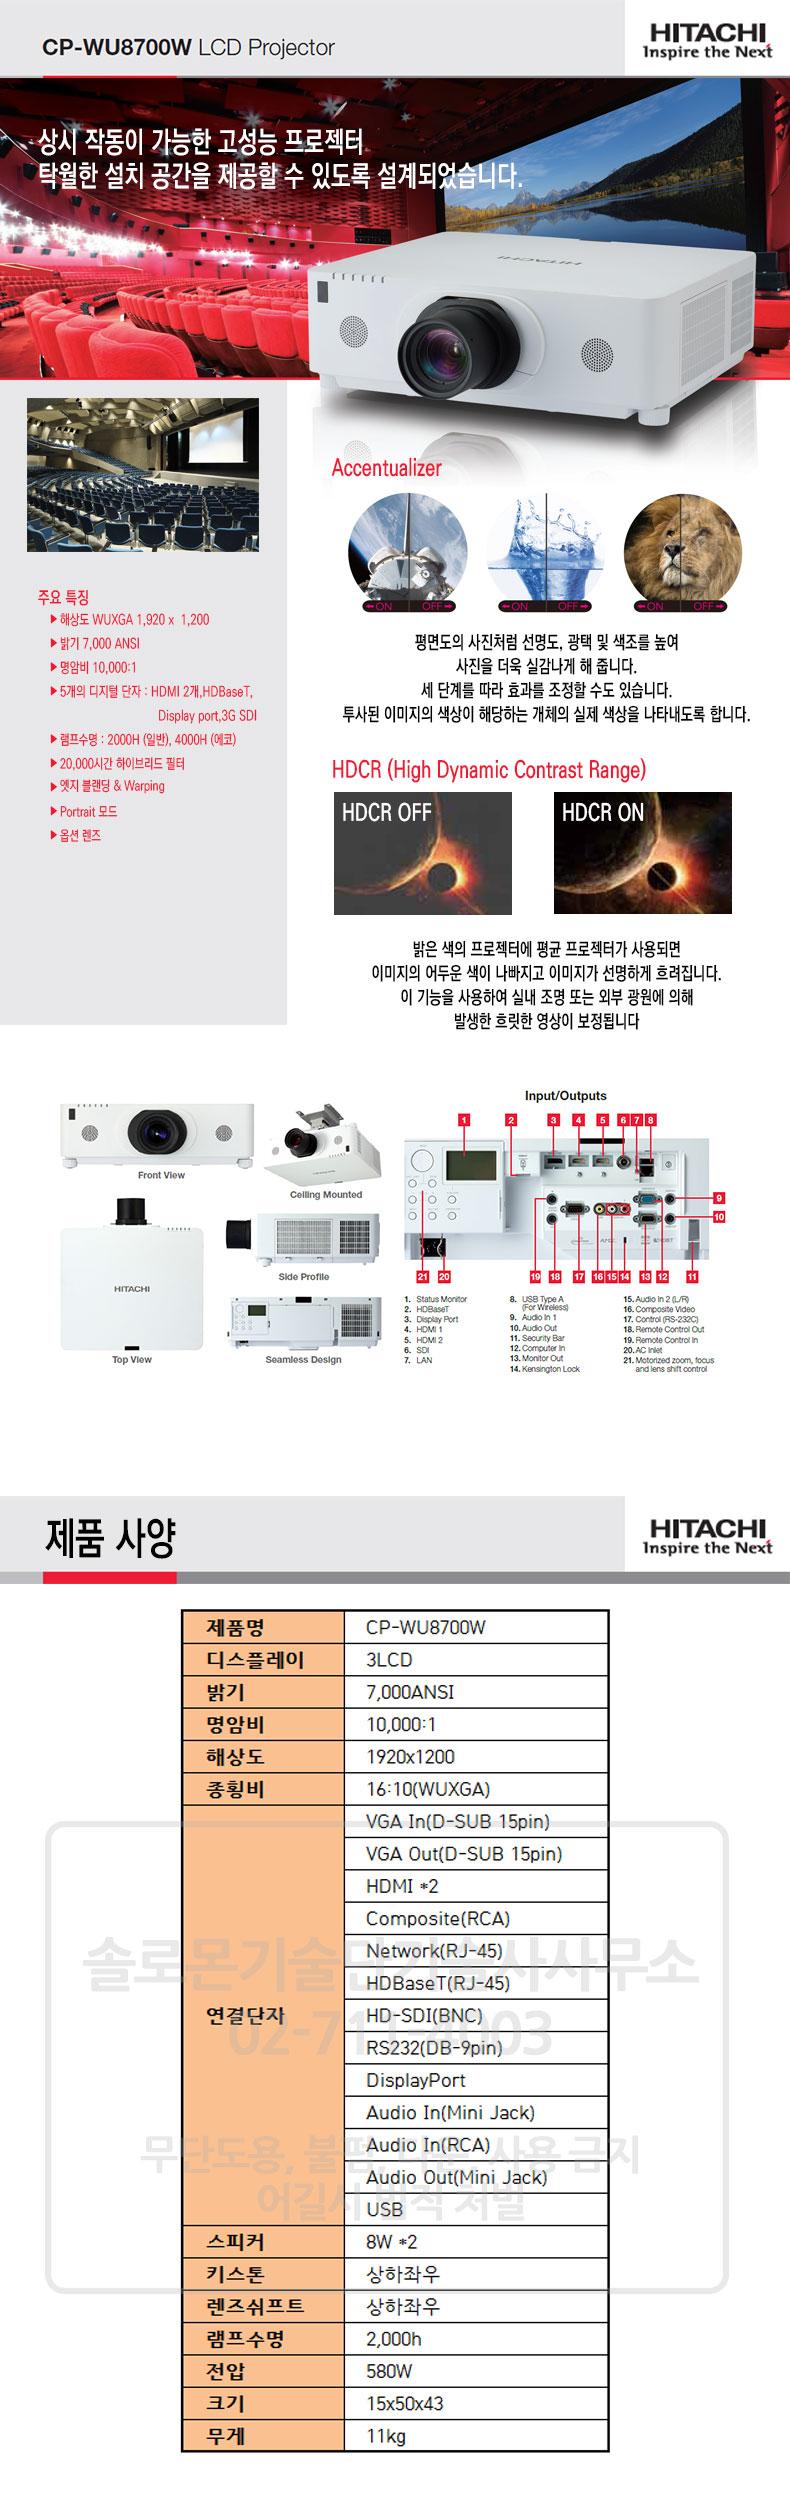 히타치 LCD 프로젝터 CP-WU8700W